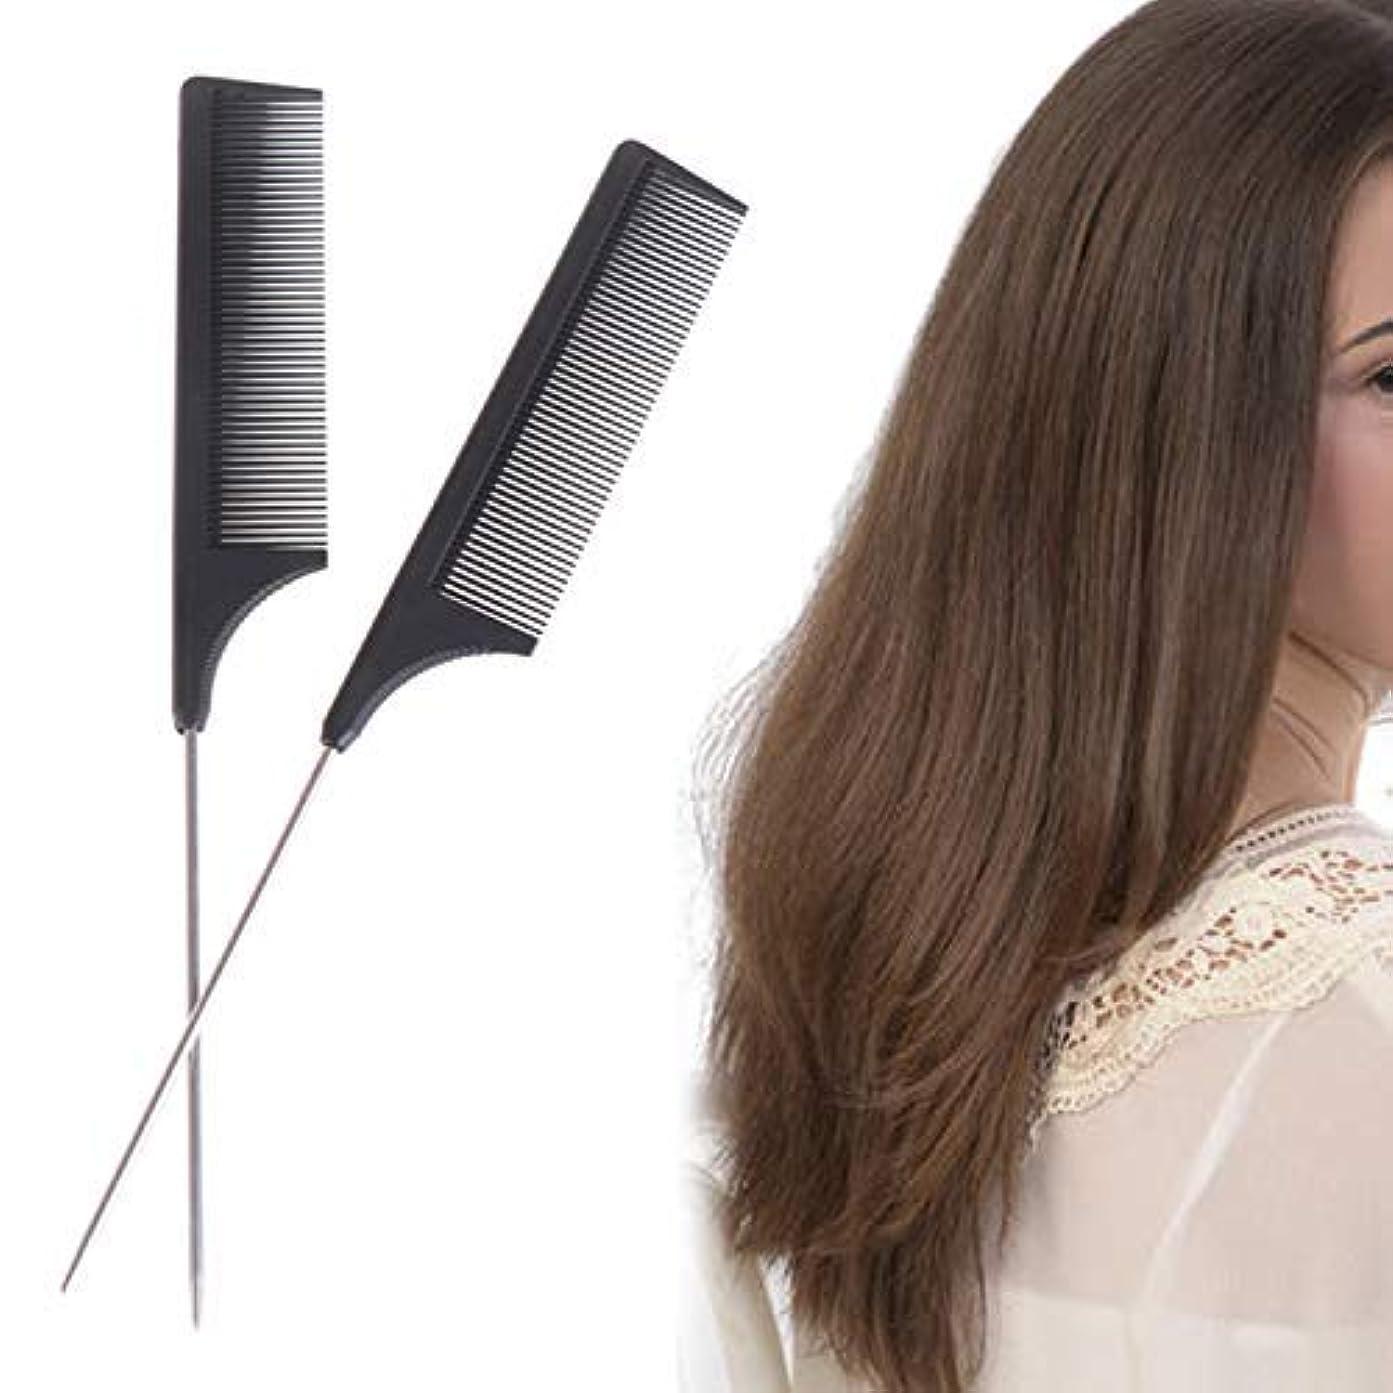 赤失礼デマンド2 Pieces Comb Black Tail Styling Comb Chemical Heat Resistant Teasing Comb Carbon Fiber Hair Styling Combs for Women Men Hair Types Styles [並行輸入品]